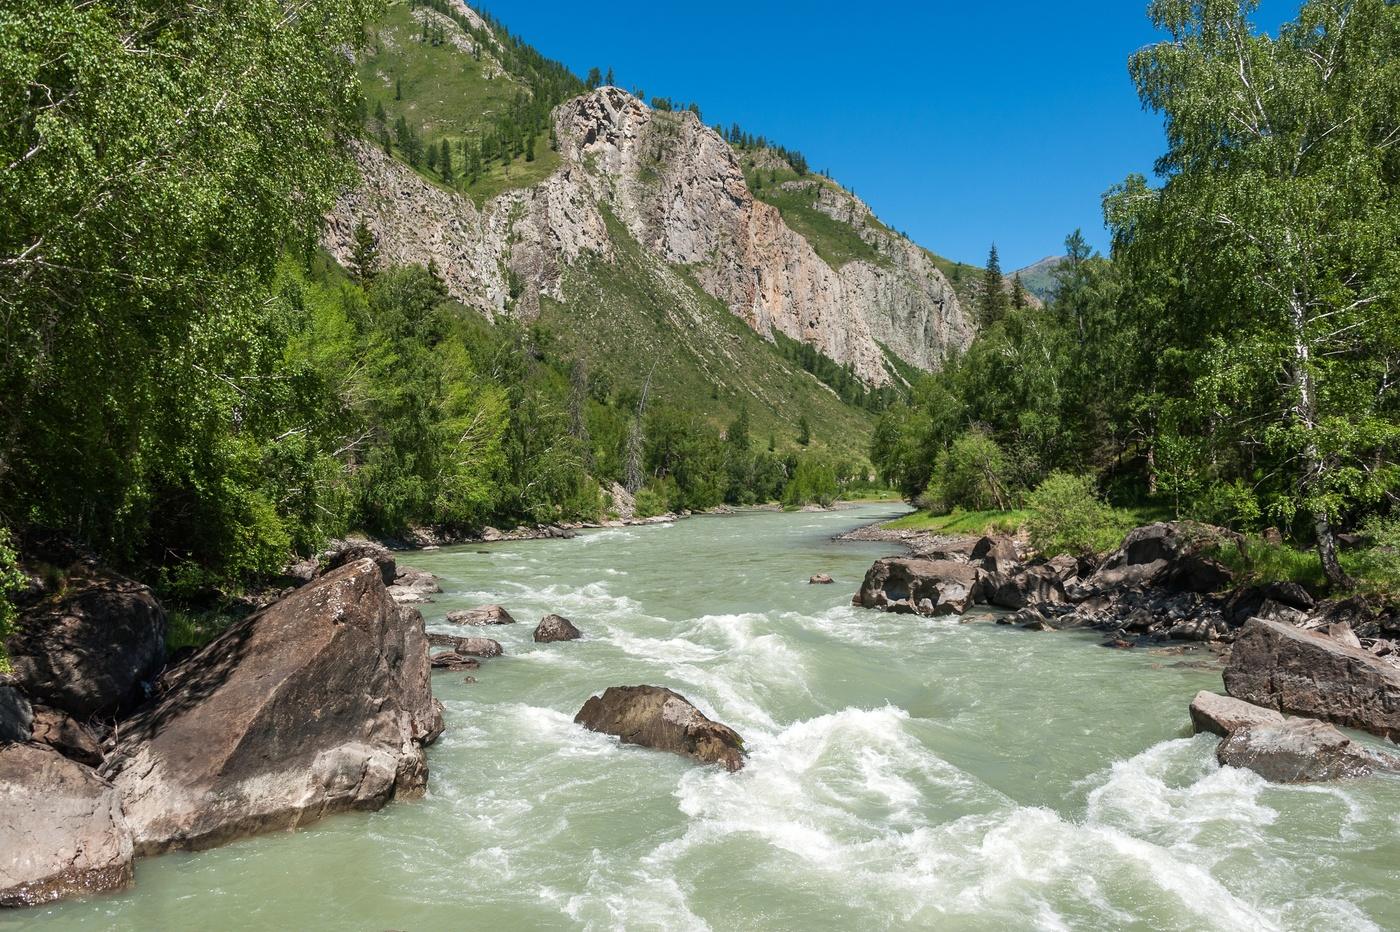 фото реки катунь в горном клубника